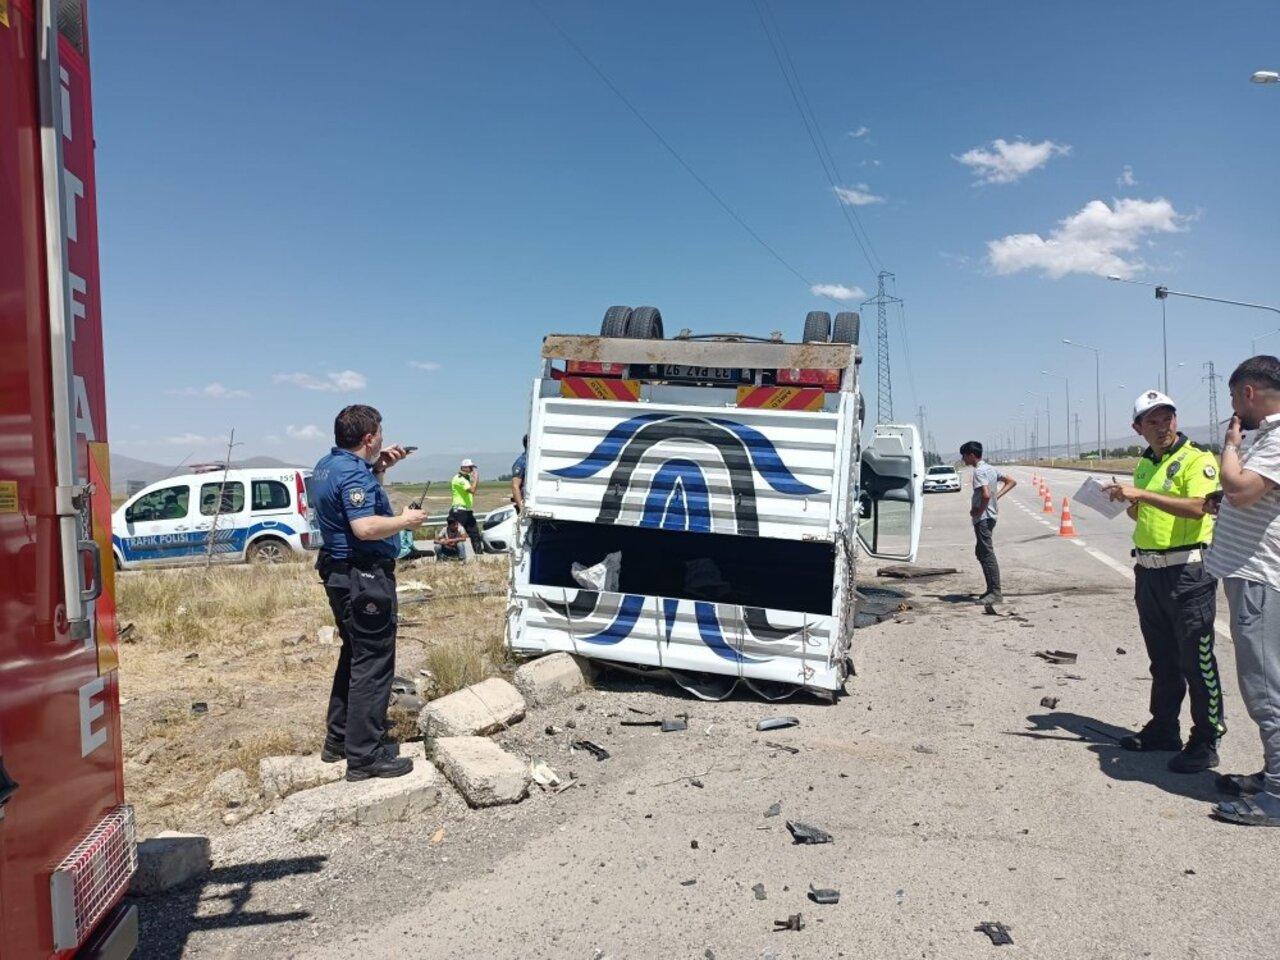 Erzurum'da otomobil ile kamyonet çarpıştı: 4 kişi yaralandı